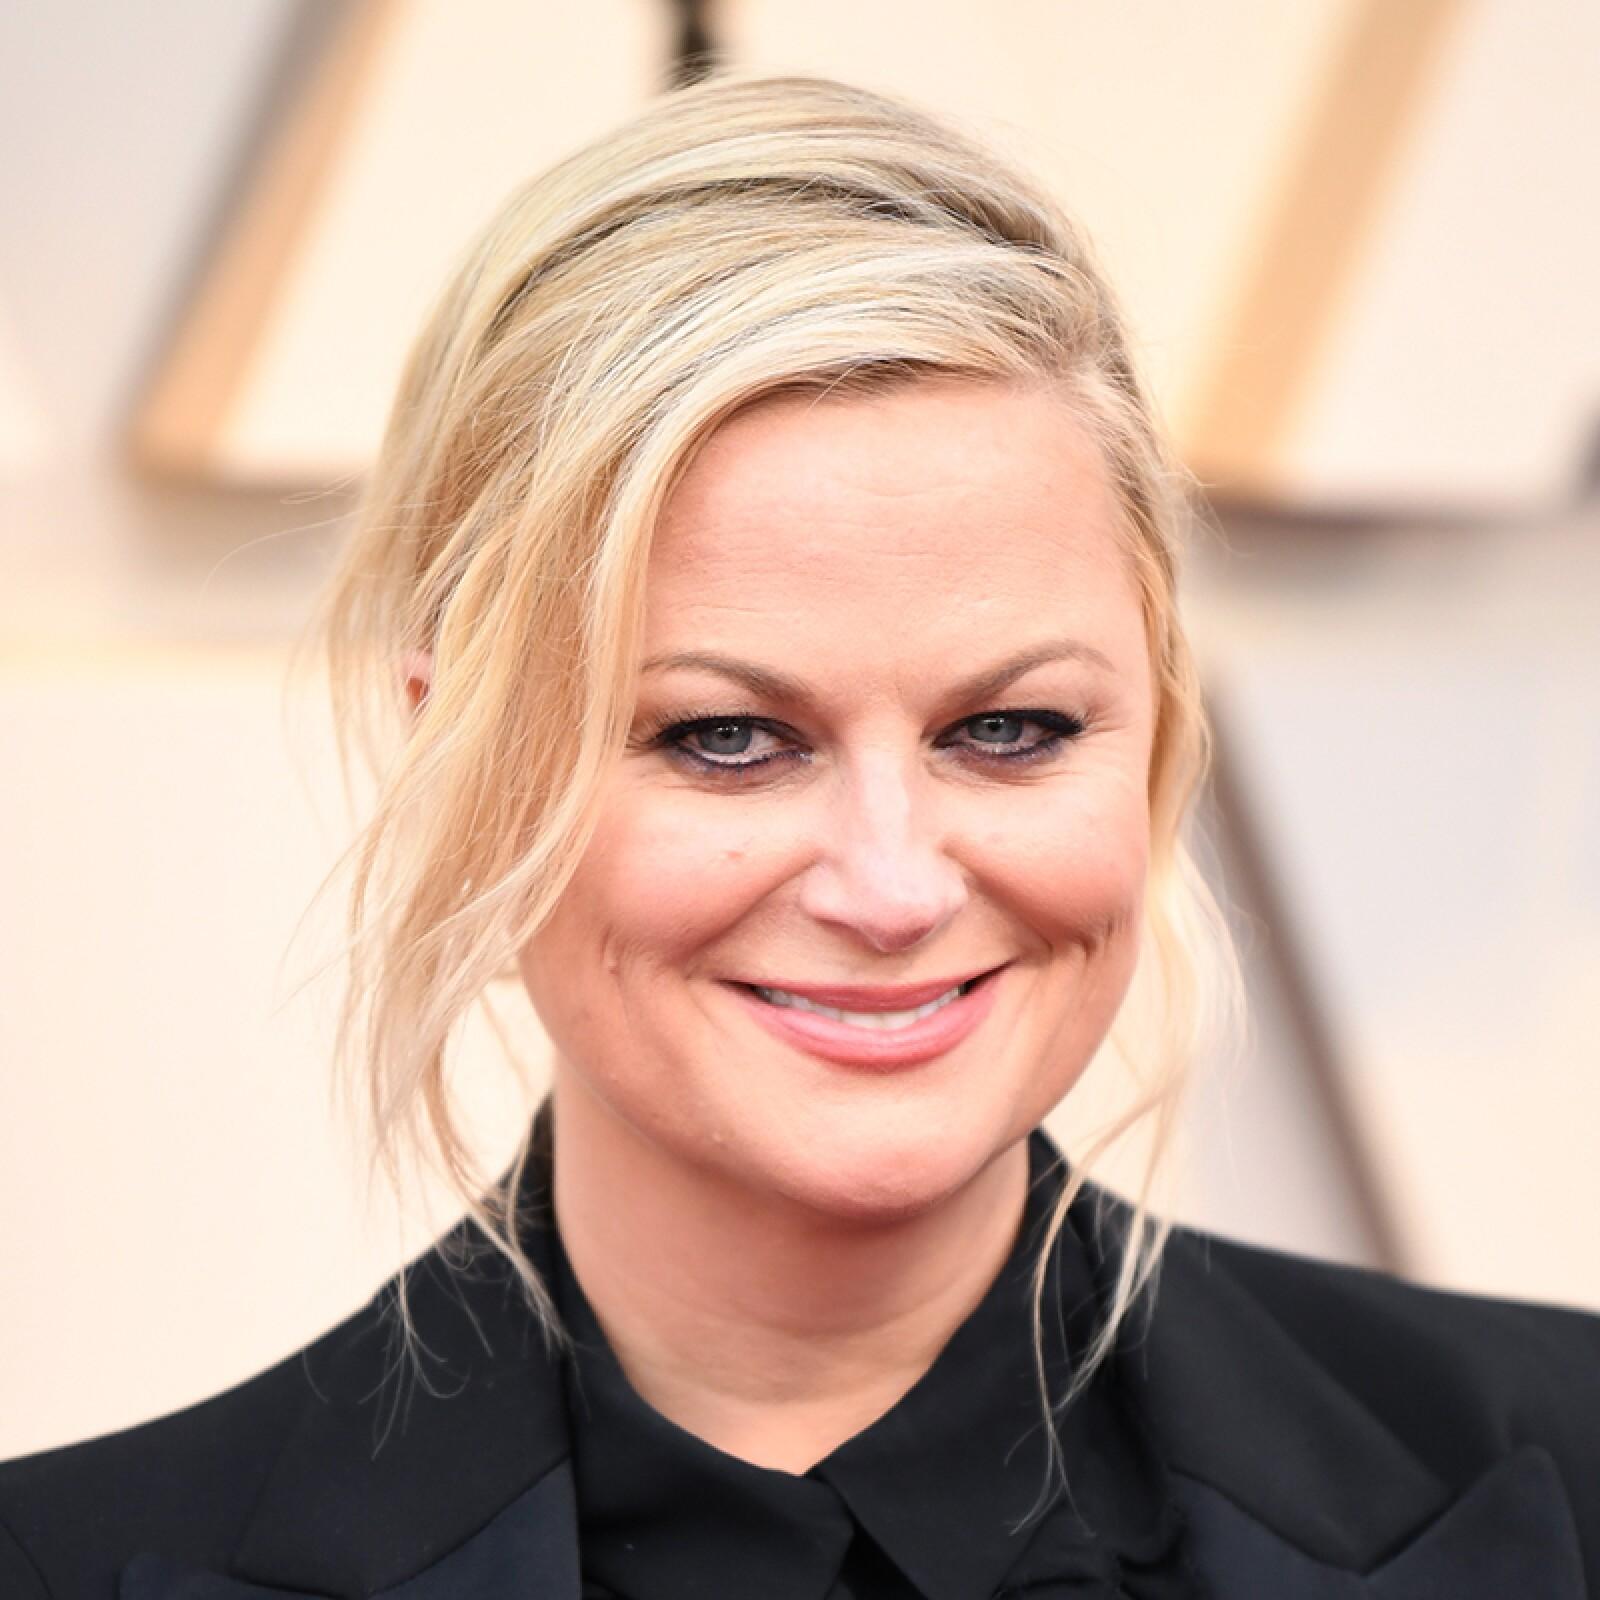 oscares-oscar-hair-looks-alfombra-roja-academy-awards-Amy-Poehler